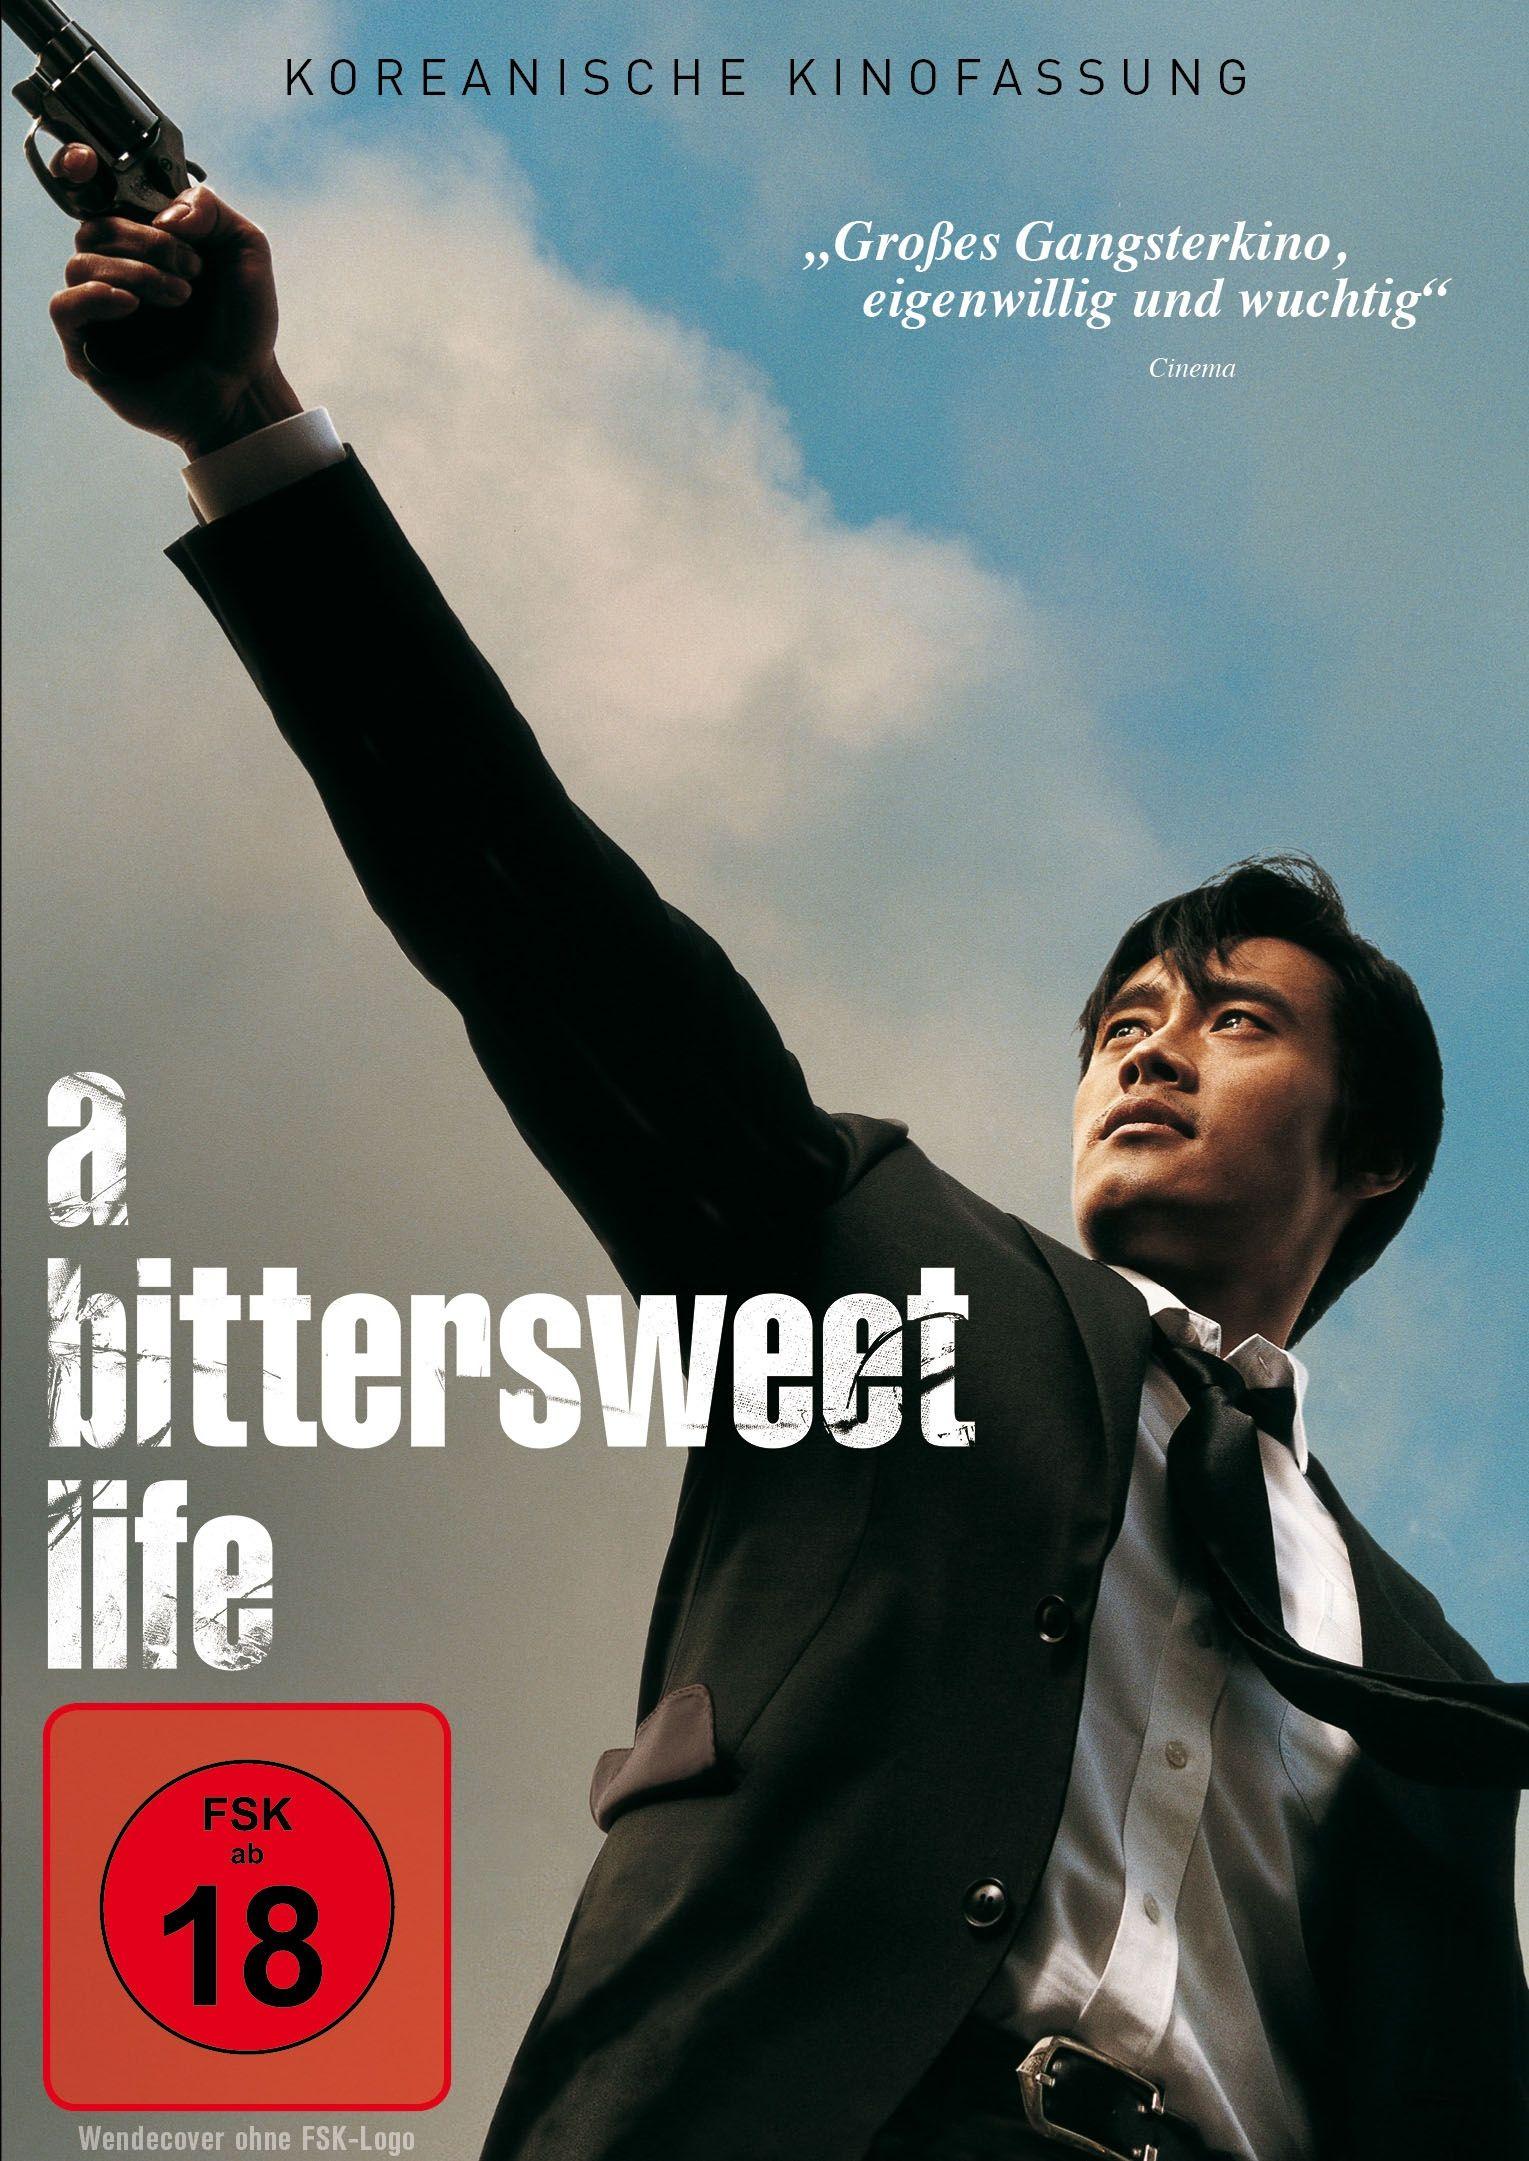 Bittersweet Life (Koreanische Kinofassung) (Neuauflage)